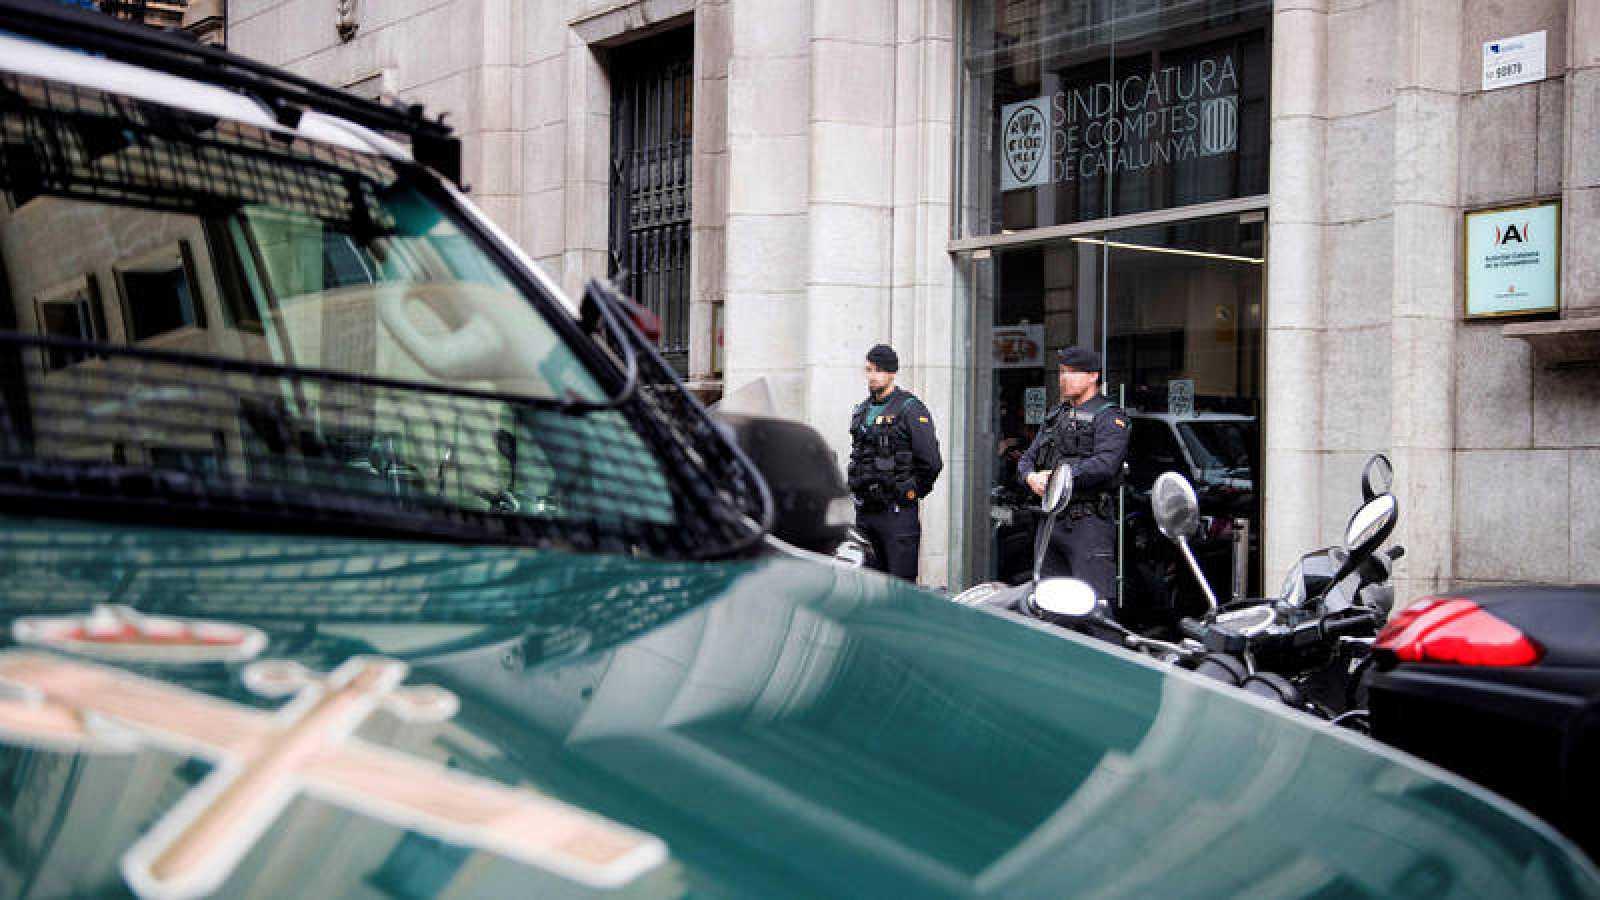 La Guardia Civil, en la sede de la Autoridad Catalana de la Competencia